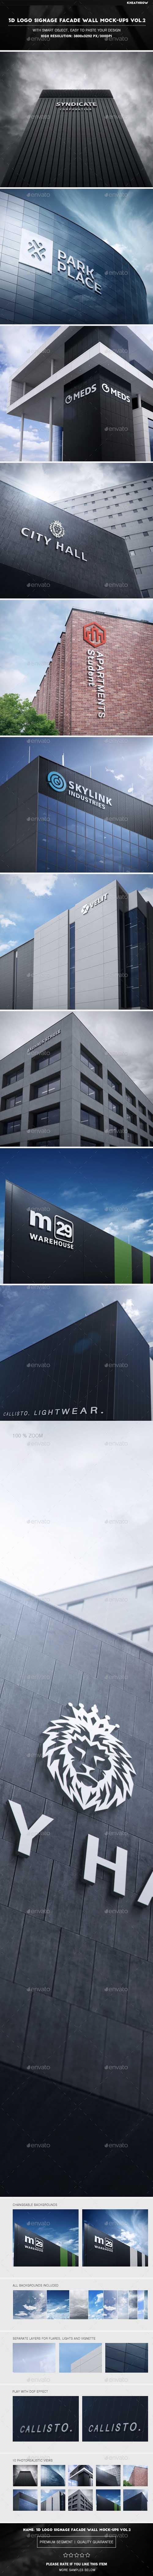 3D Logo Signage Facade Wall Mock-Ups Vol.2 20086646